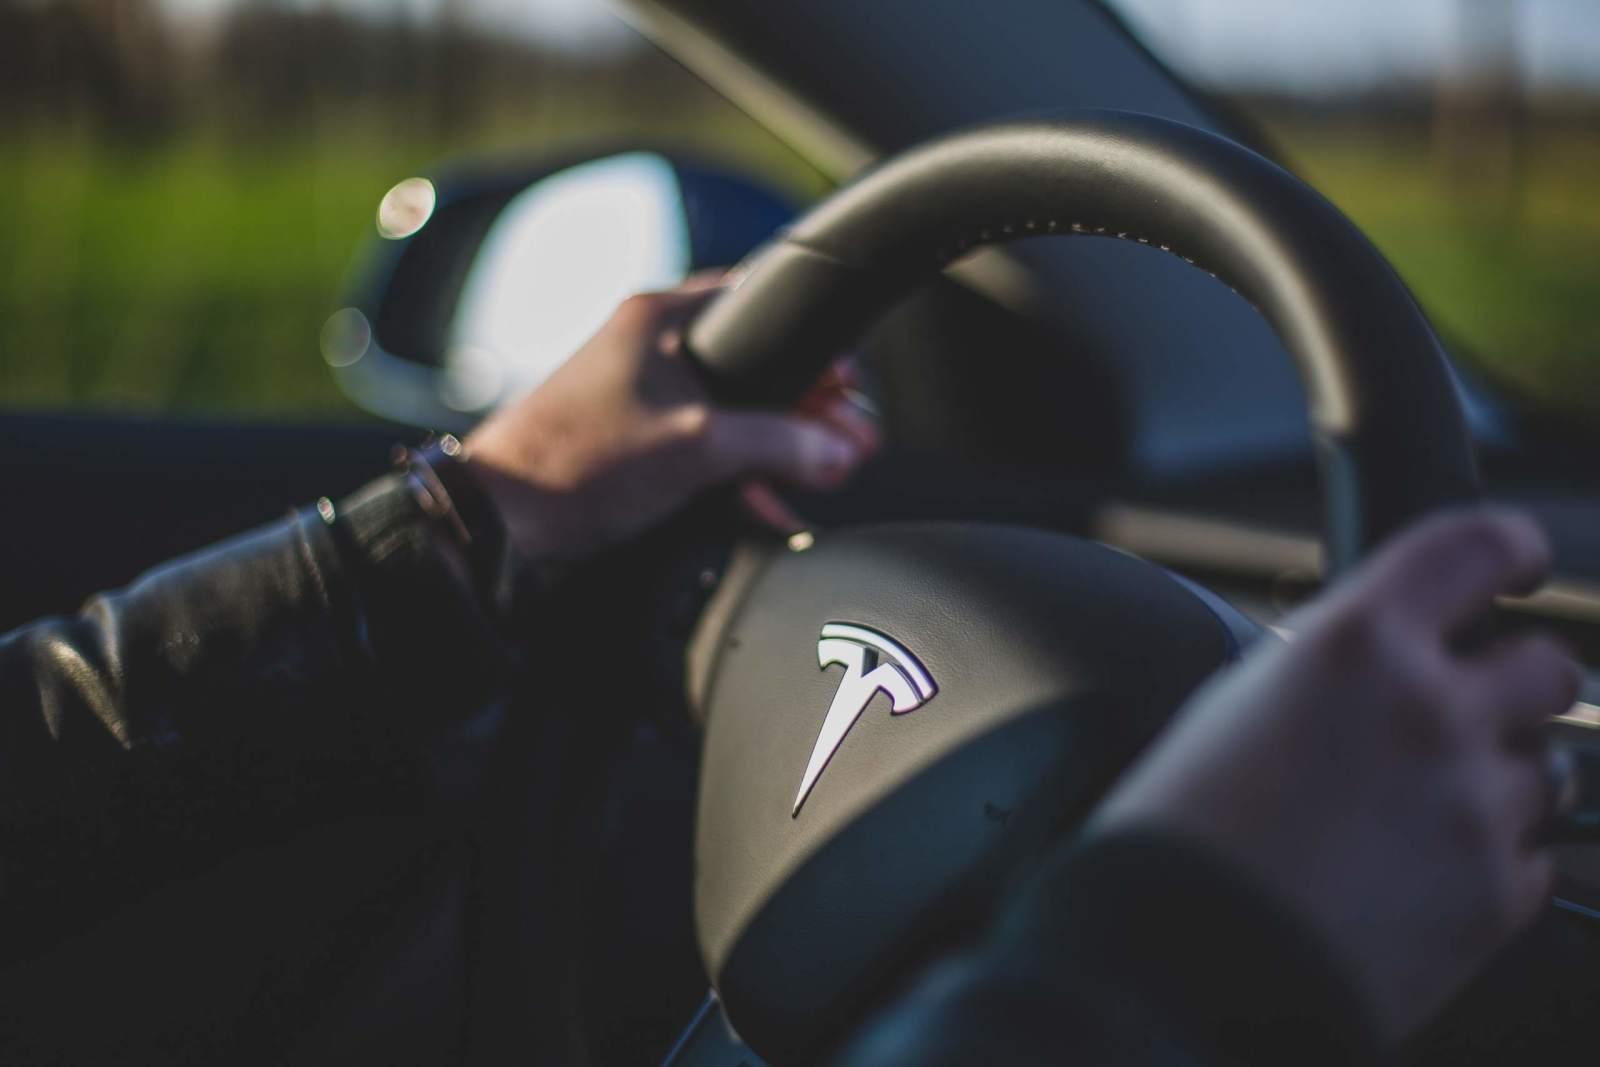 Beispielfoto von Tesla Lenkrad